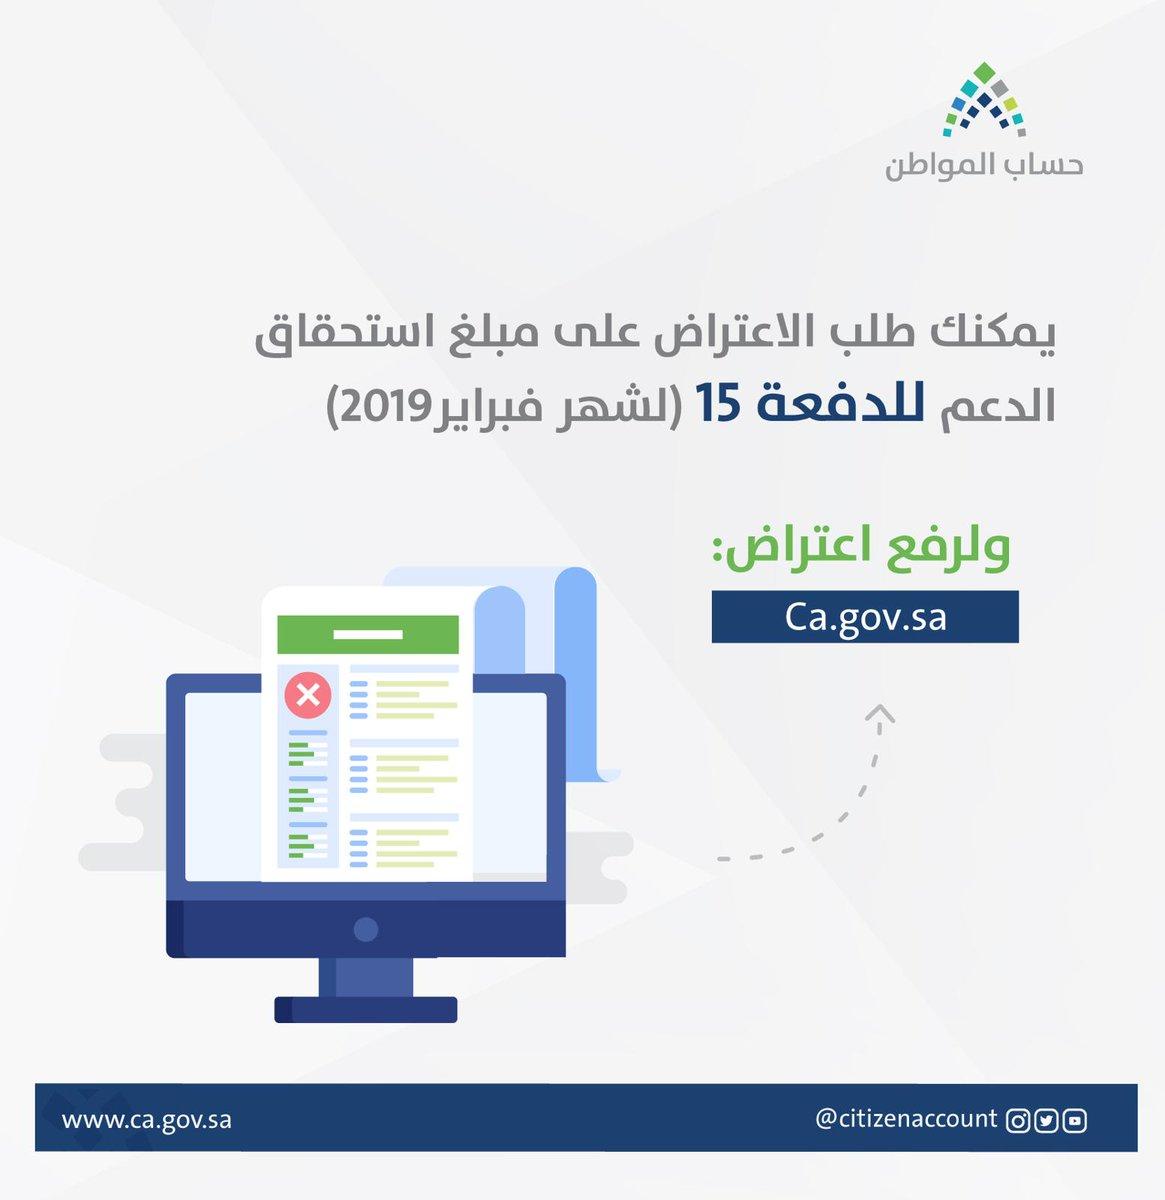 حساب المواطن ينوه ببدء استقبال طلبات الاعتراض على مبلغ استحقاق الدعم للدفعة 15